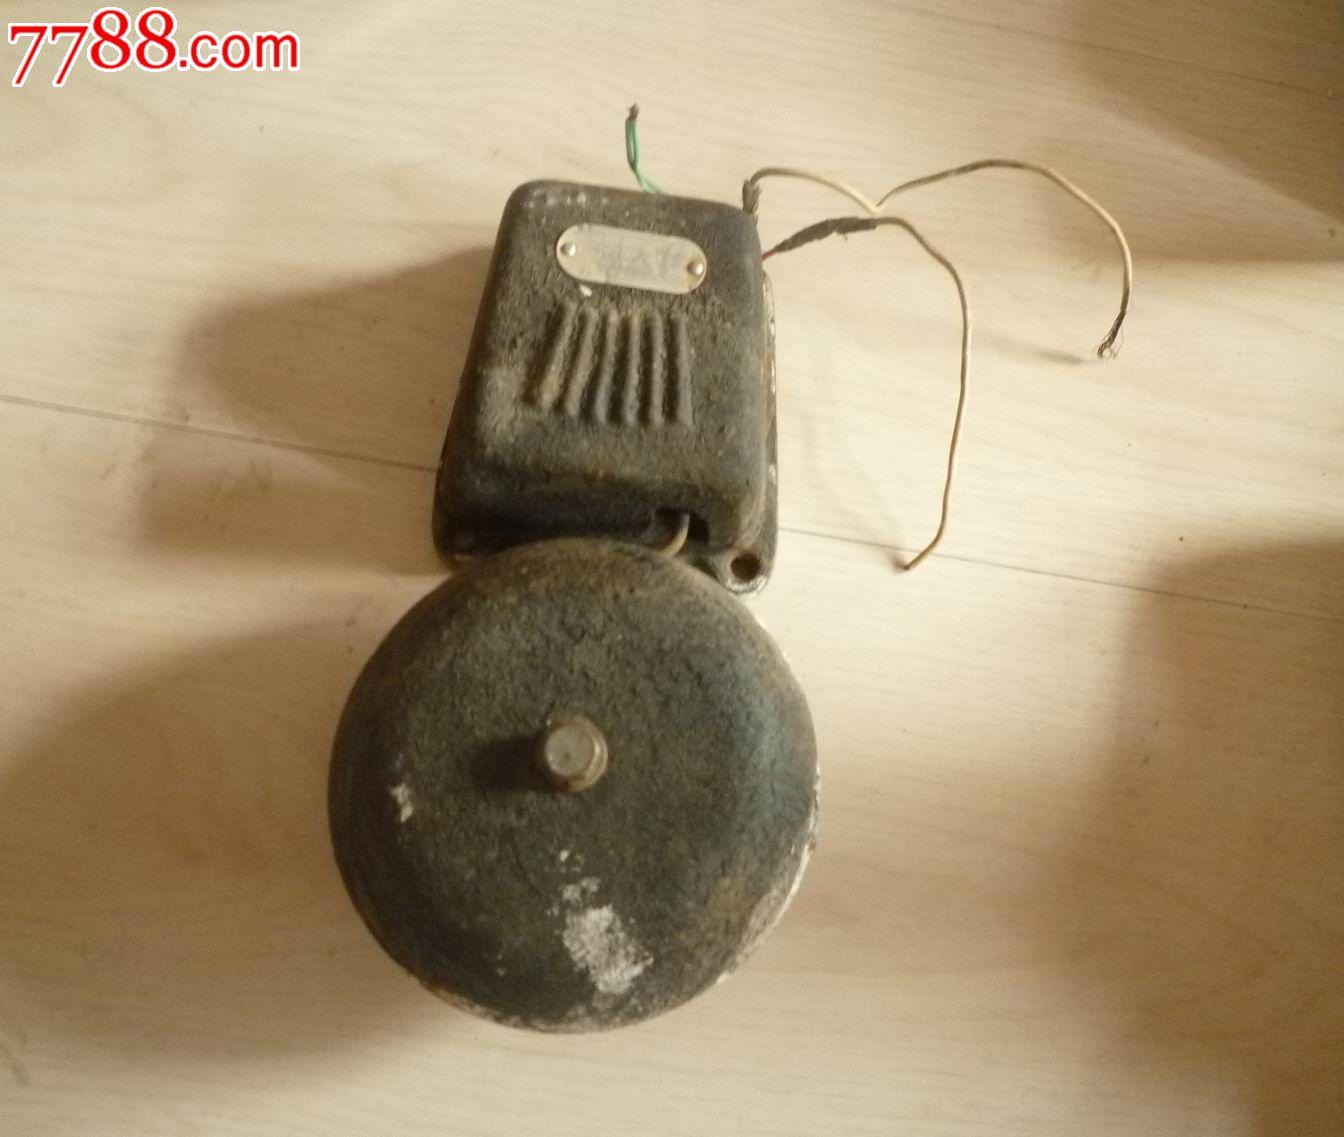 怀旧经典收藏老式电铃-se19511430-门铃/电铃-零售